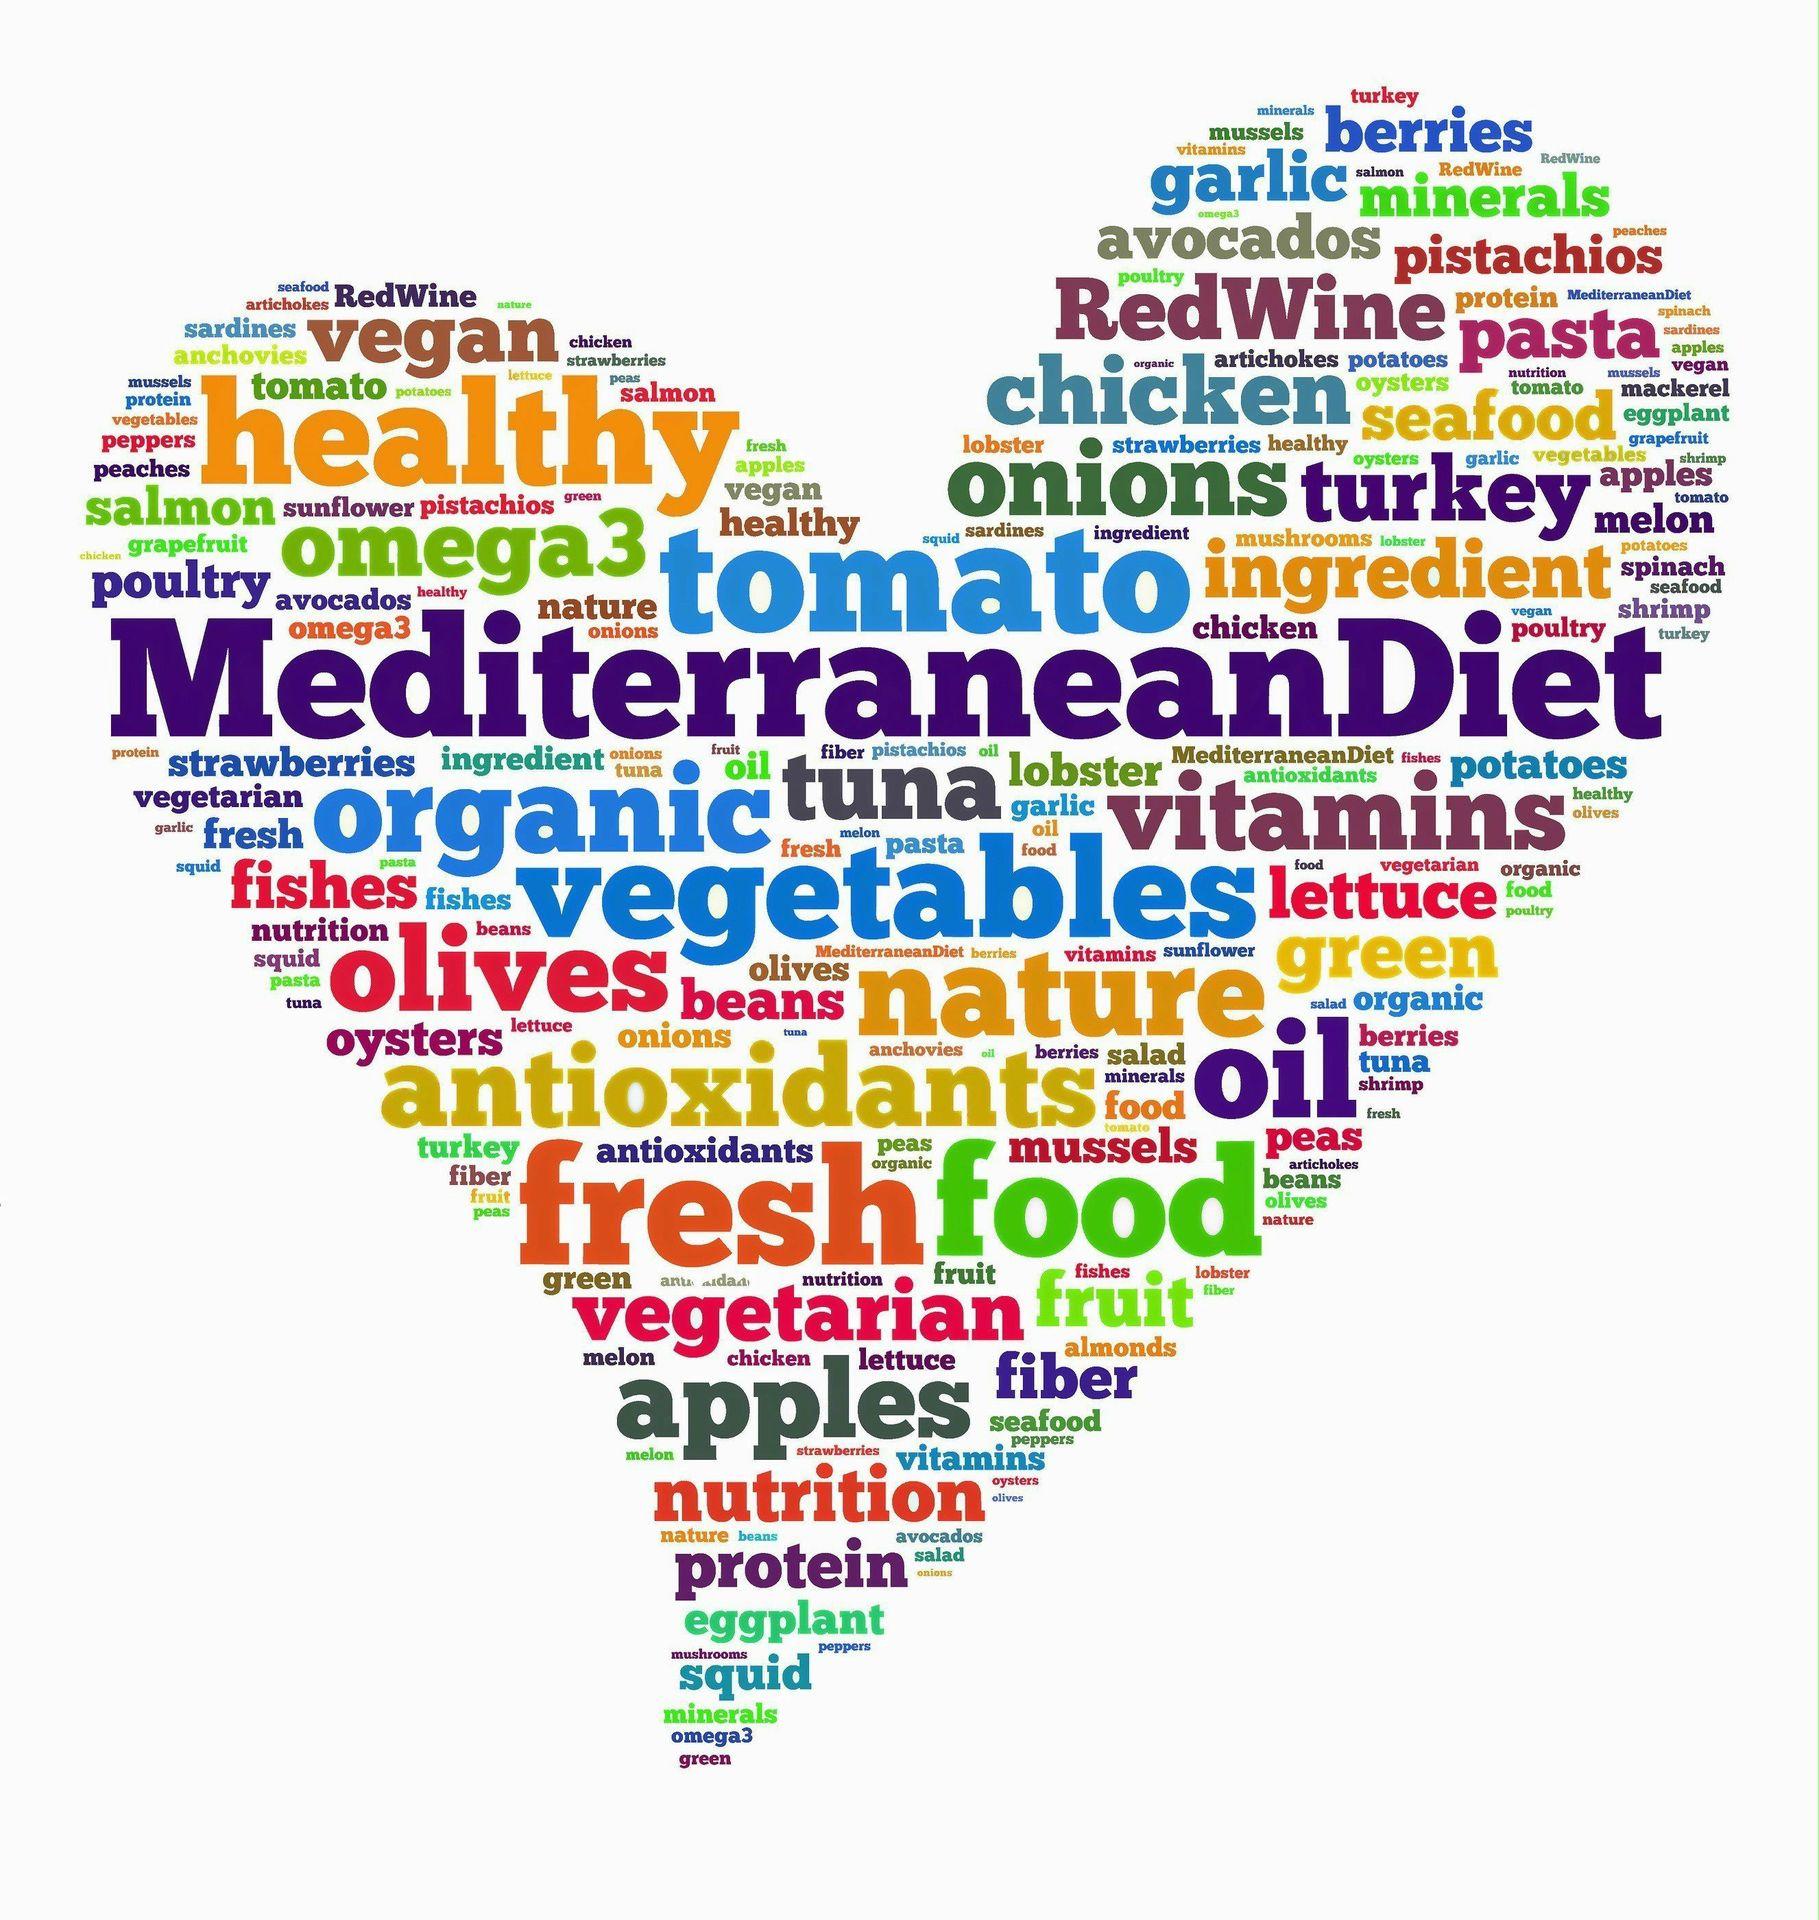 bigstock-mediterranean-diet-62138720-fitness